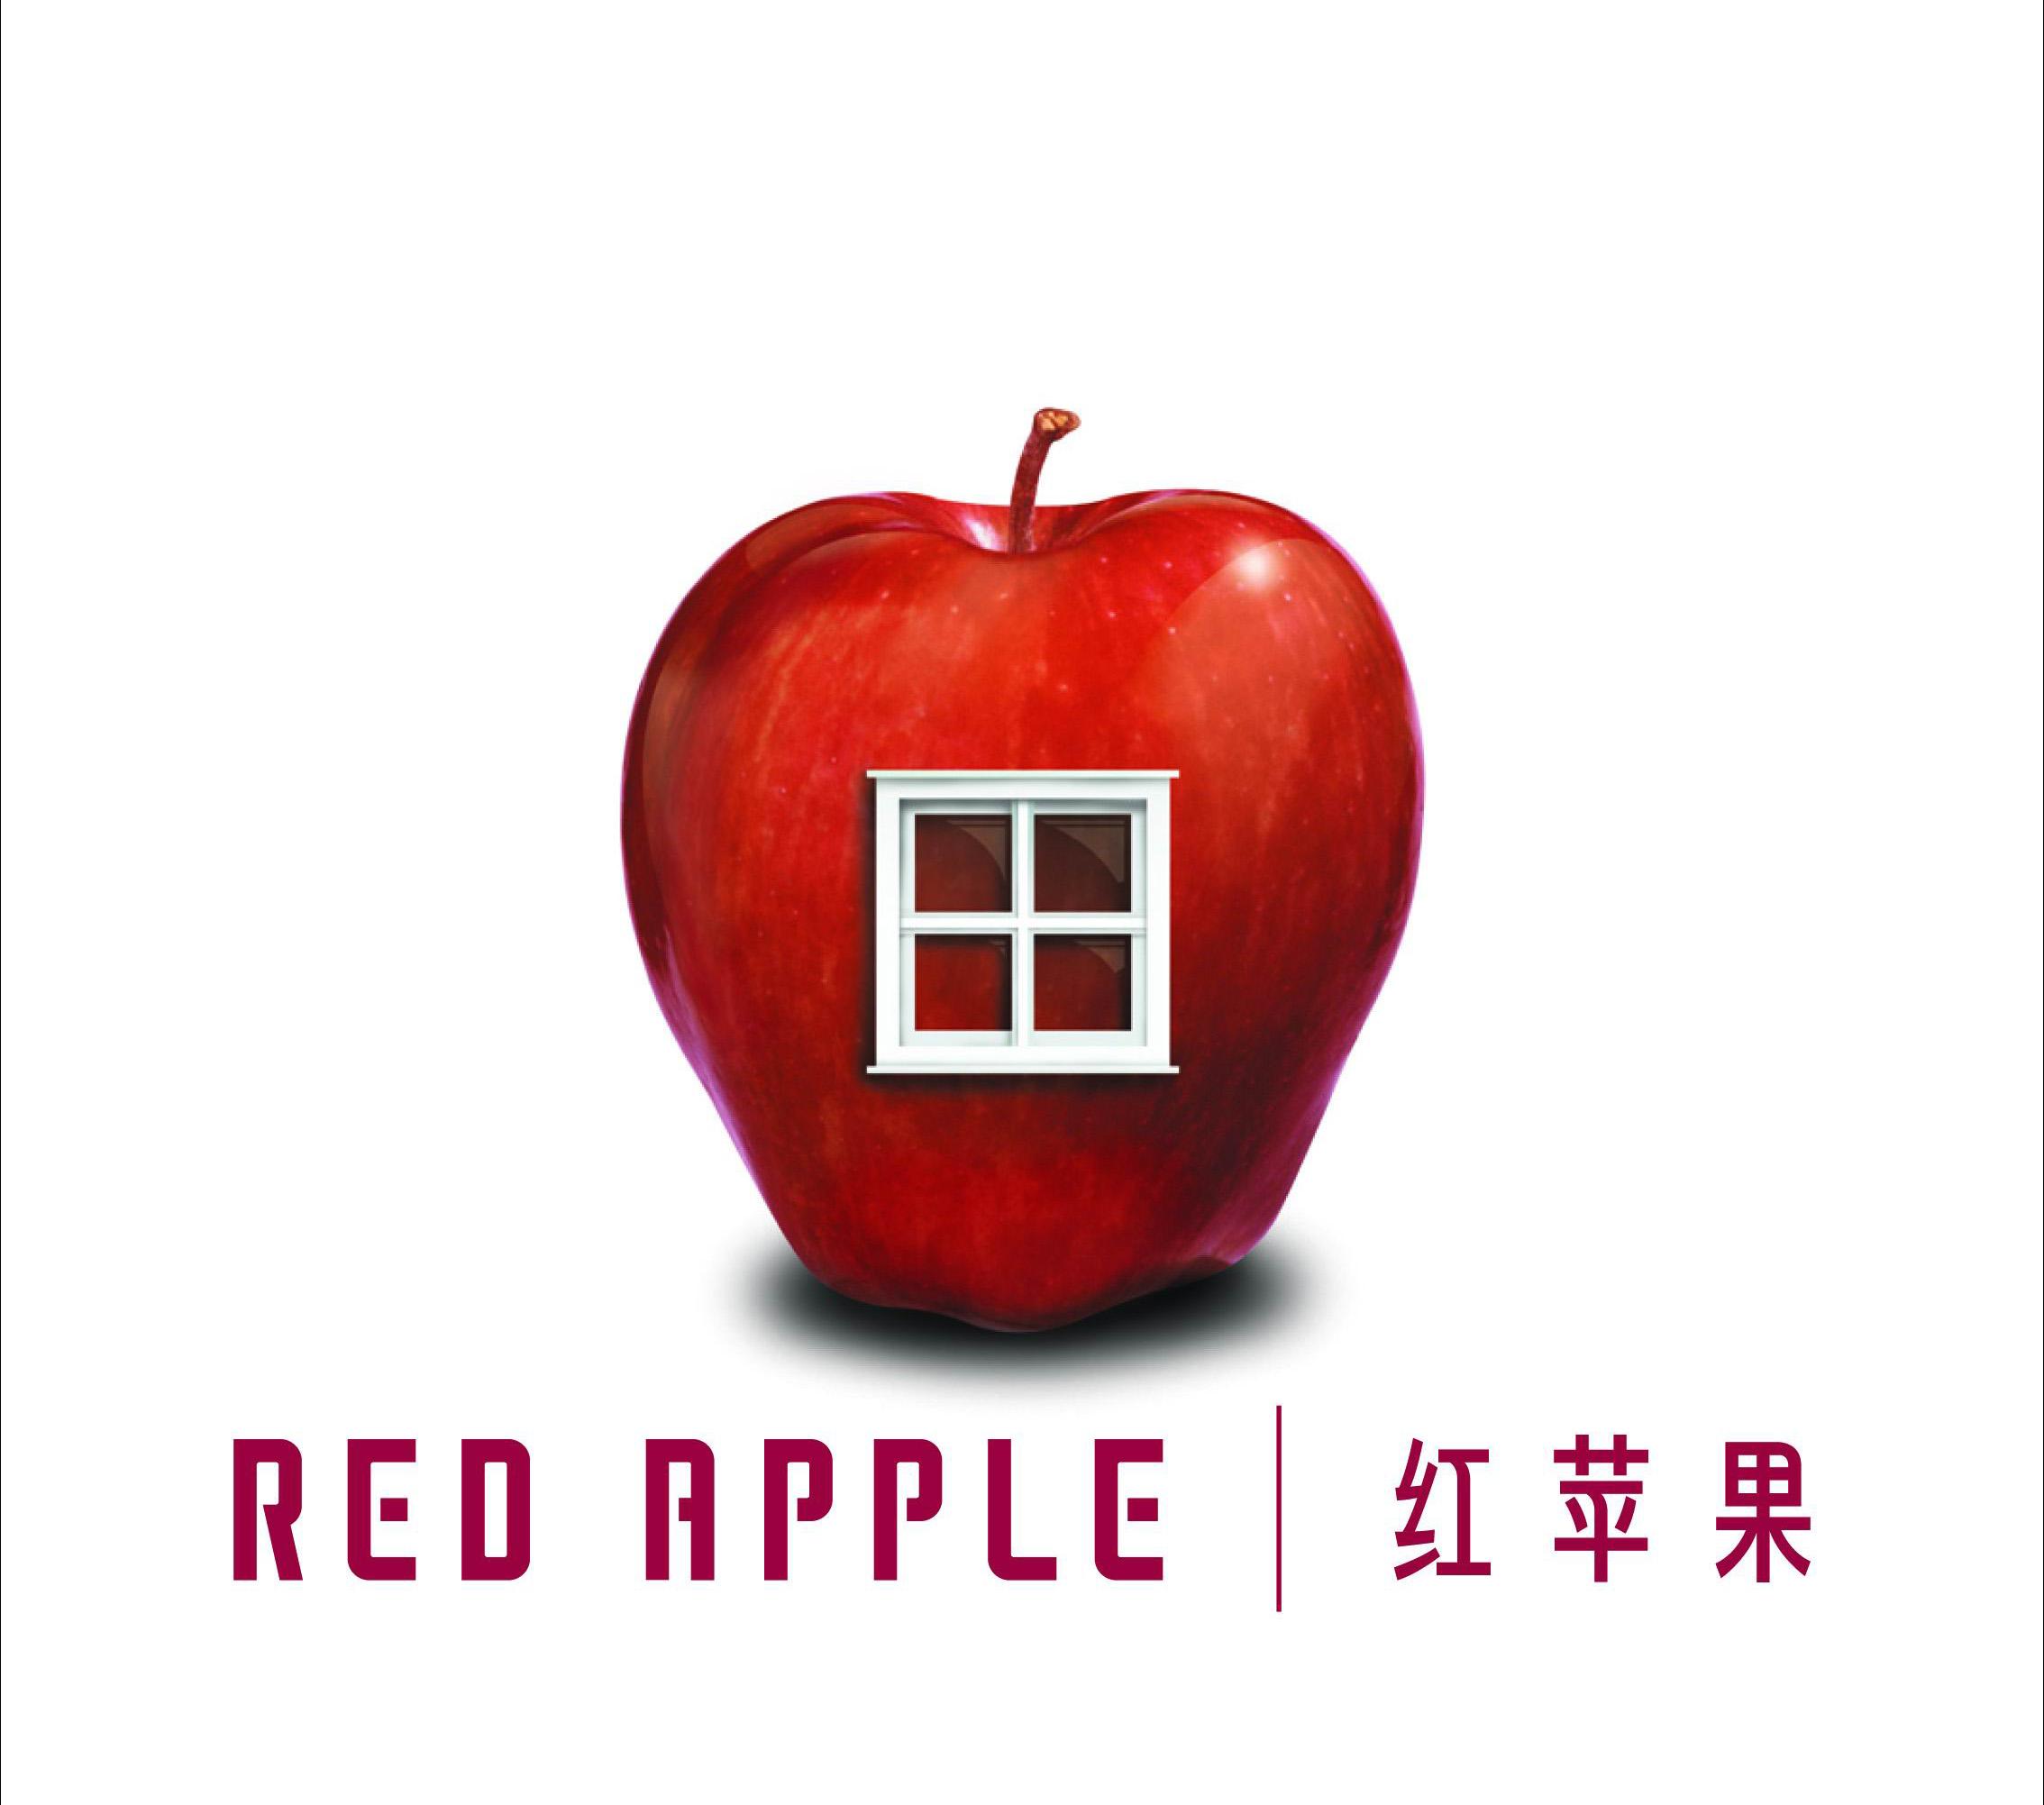 香港红苹果家具_香港红苹果家具北京红星店